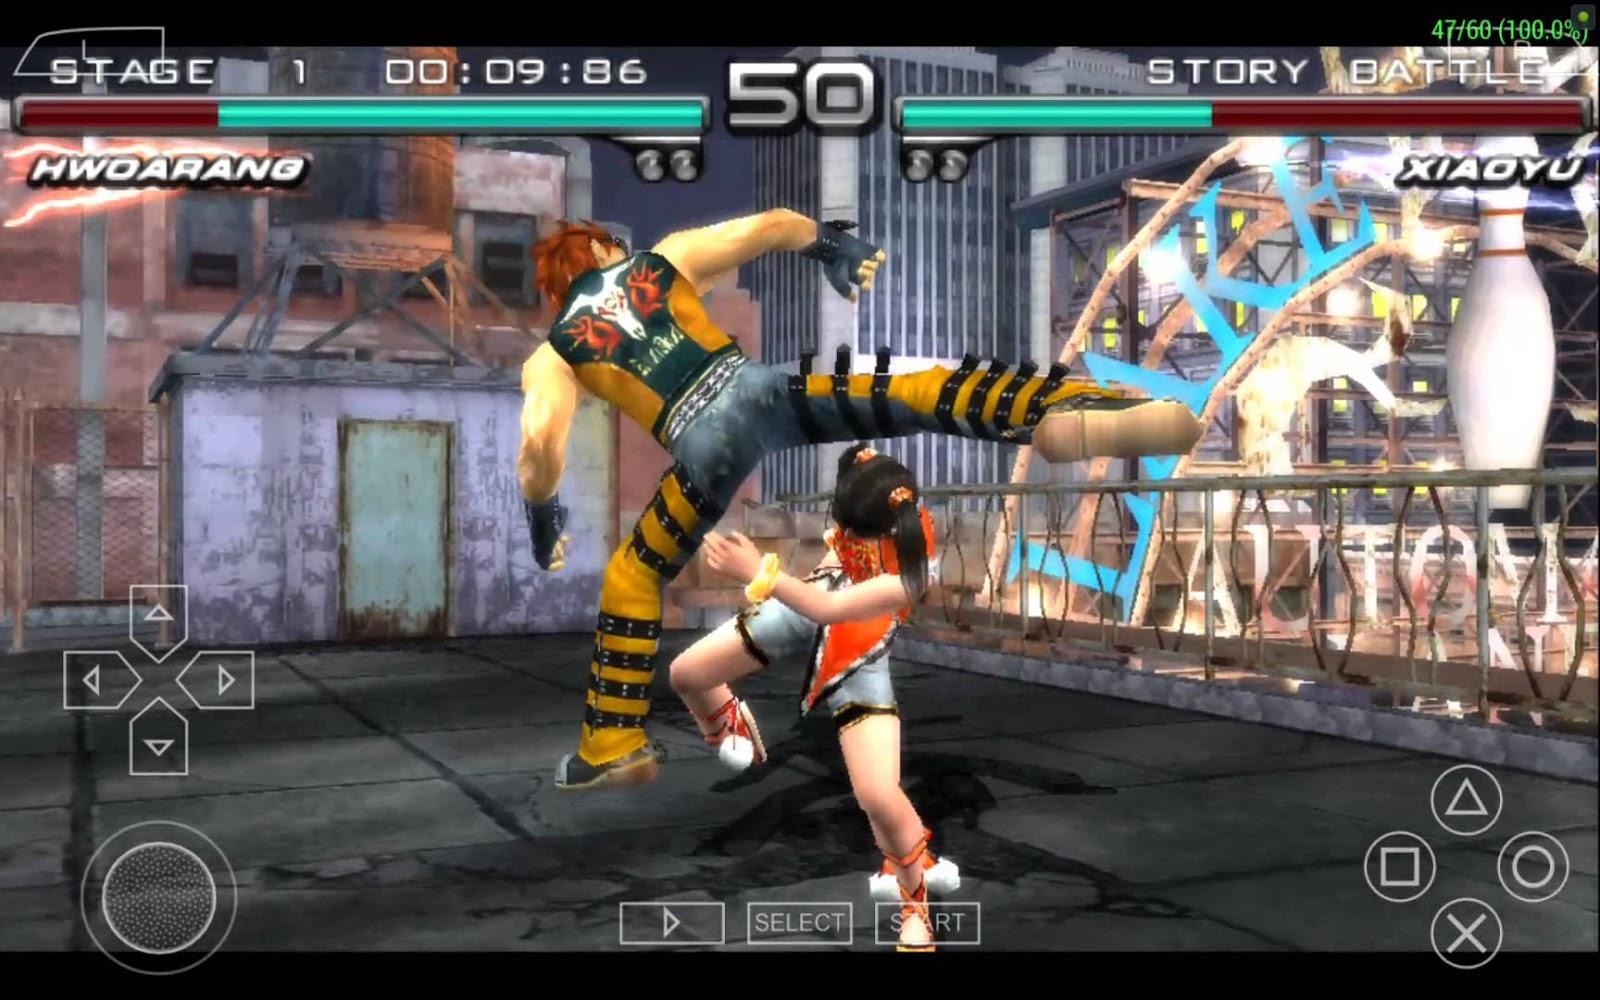 Tekken 3 game iso file for android : Bus tokens philadelphia